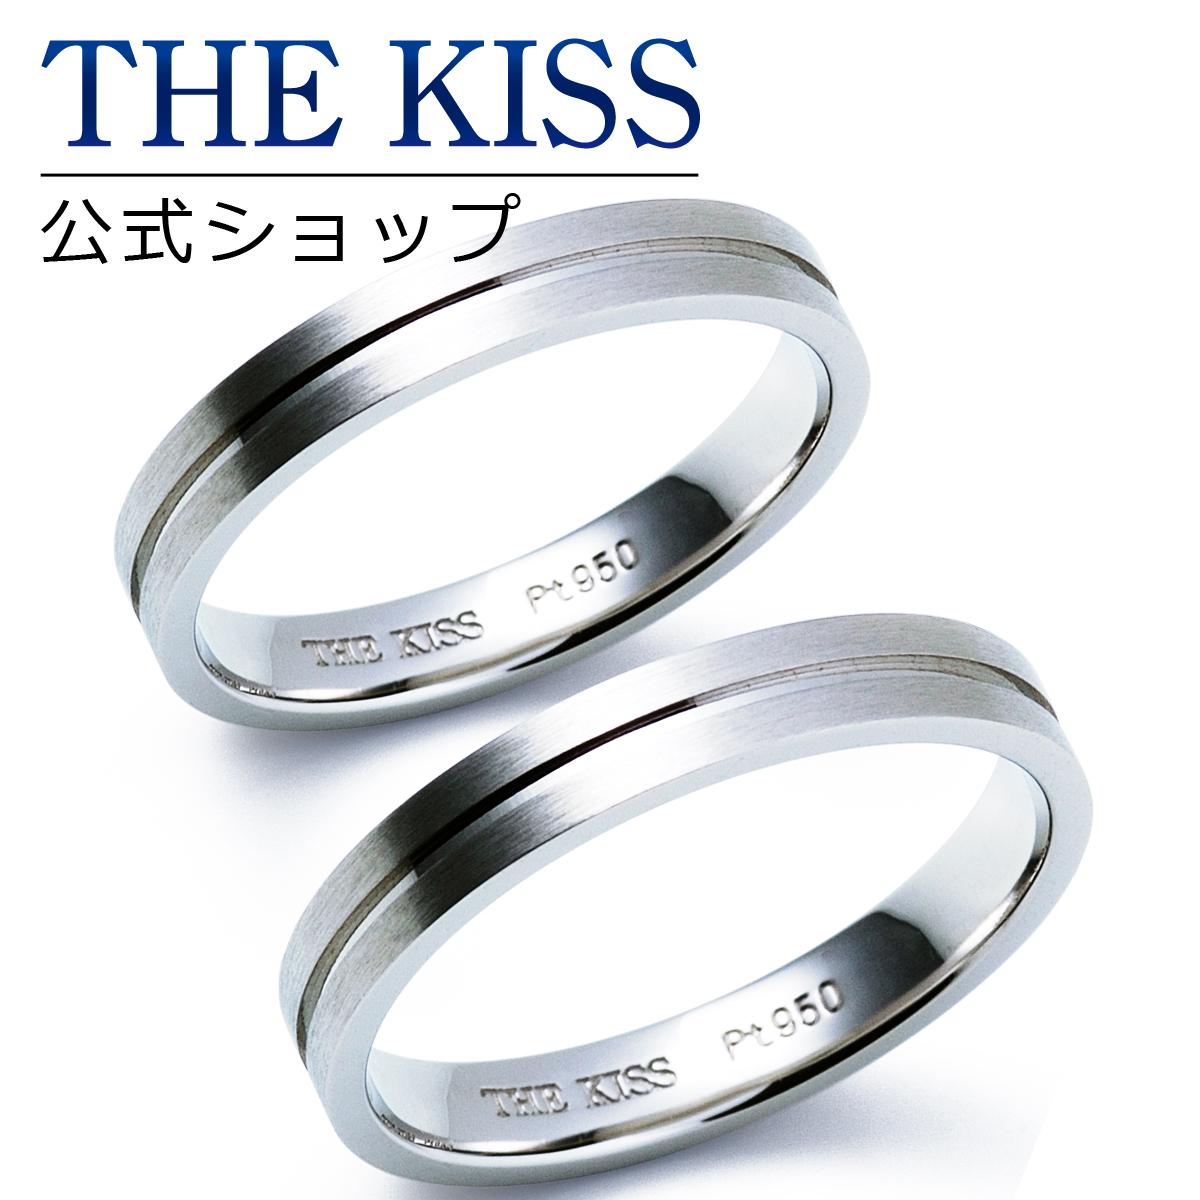 【刻印可_20文字】【THE KISS Anniversary】 プラチナ マリッジ リング 結婚指輪 ペアリング THE KISS リング・指輪 7061122071-P セット シンプル ザキス 【送料無料】